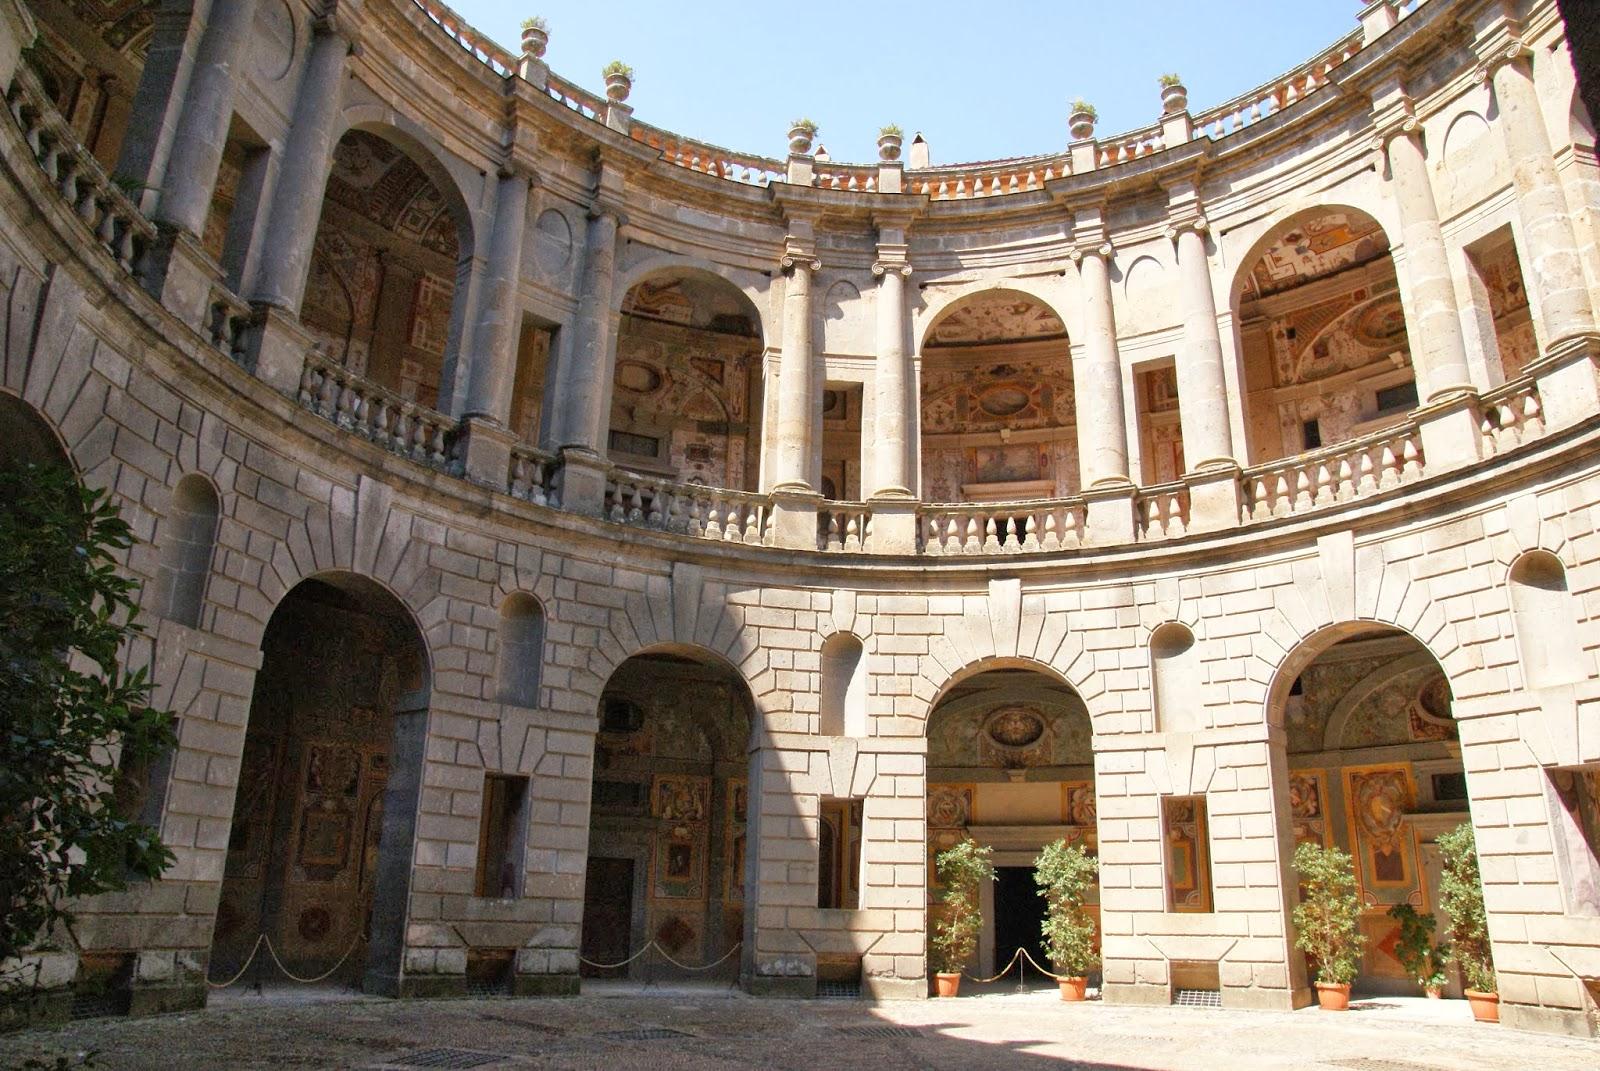 Visita al palazzo farnese di caprarola una delle for Cortile circolare